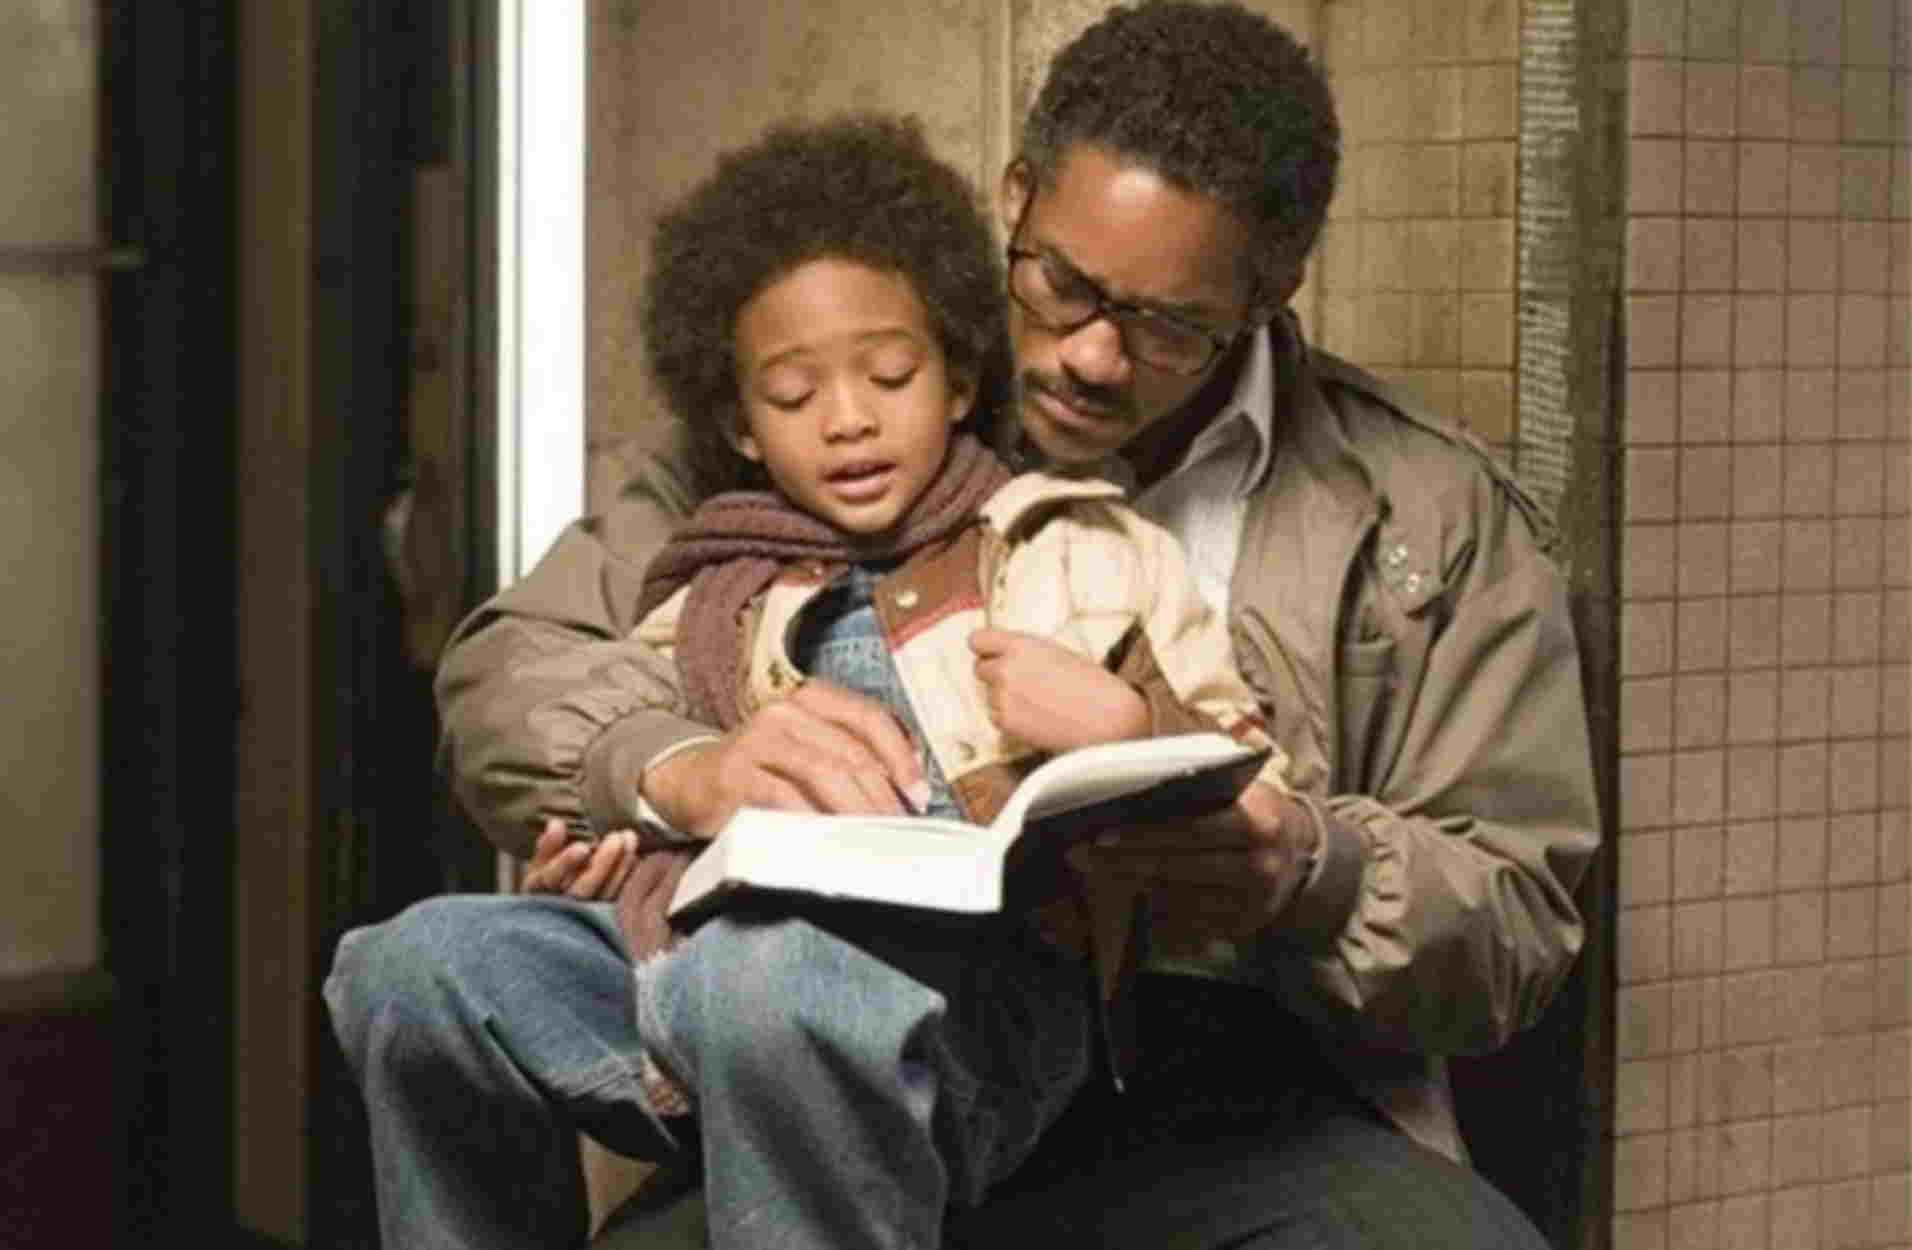 """Οι άστεγοι στην ταινία """"Το Κυνήγι της Ευτυχίας"""" δεν ήταν ηθοποιοί"""